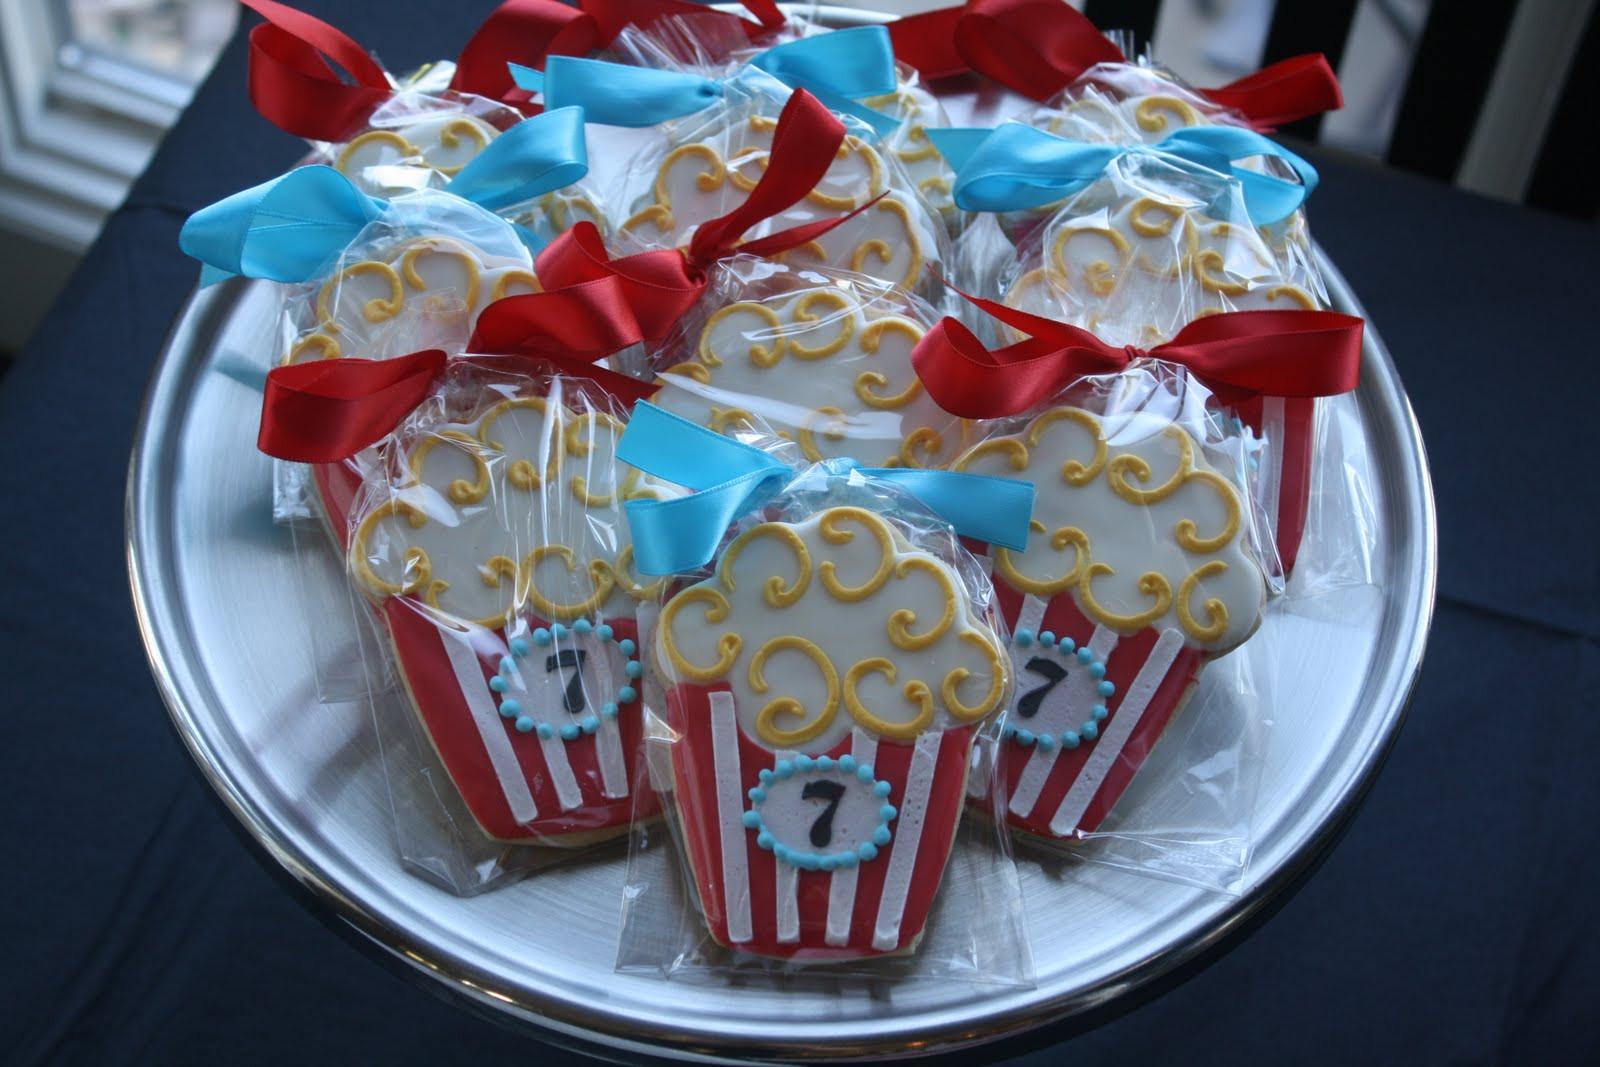 Movie Night Birthday Party  Meringue Outdoor Movie Night Birthday Party